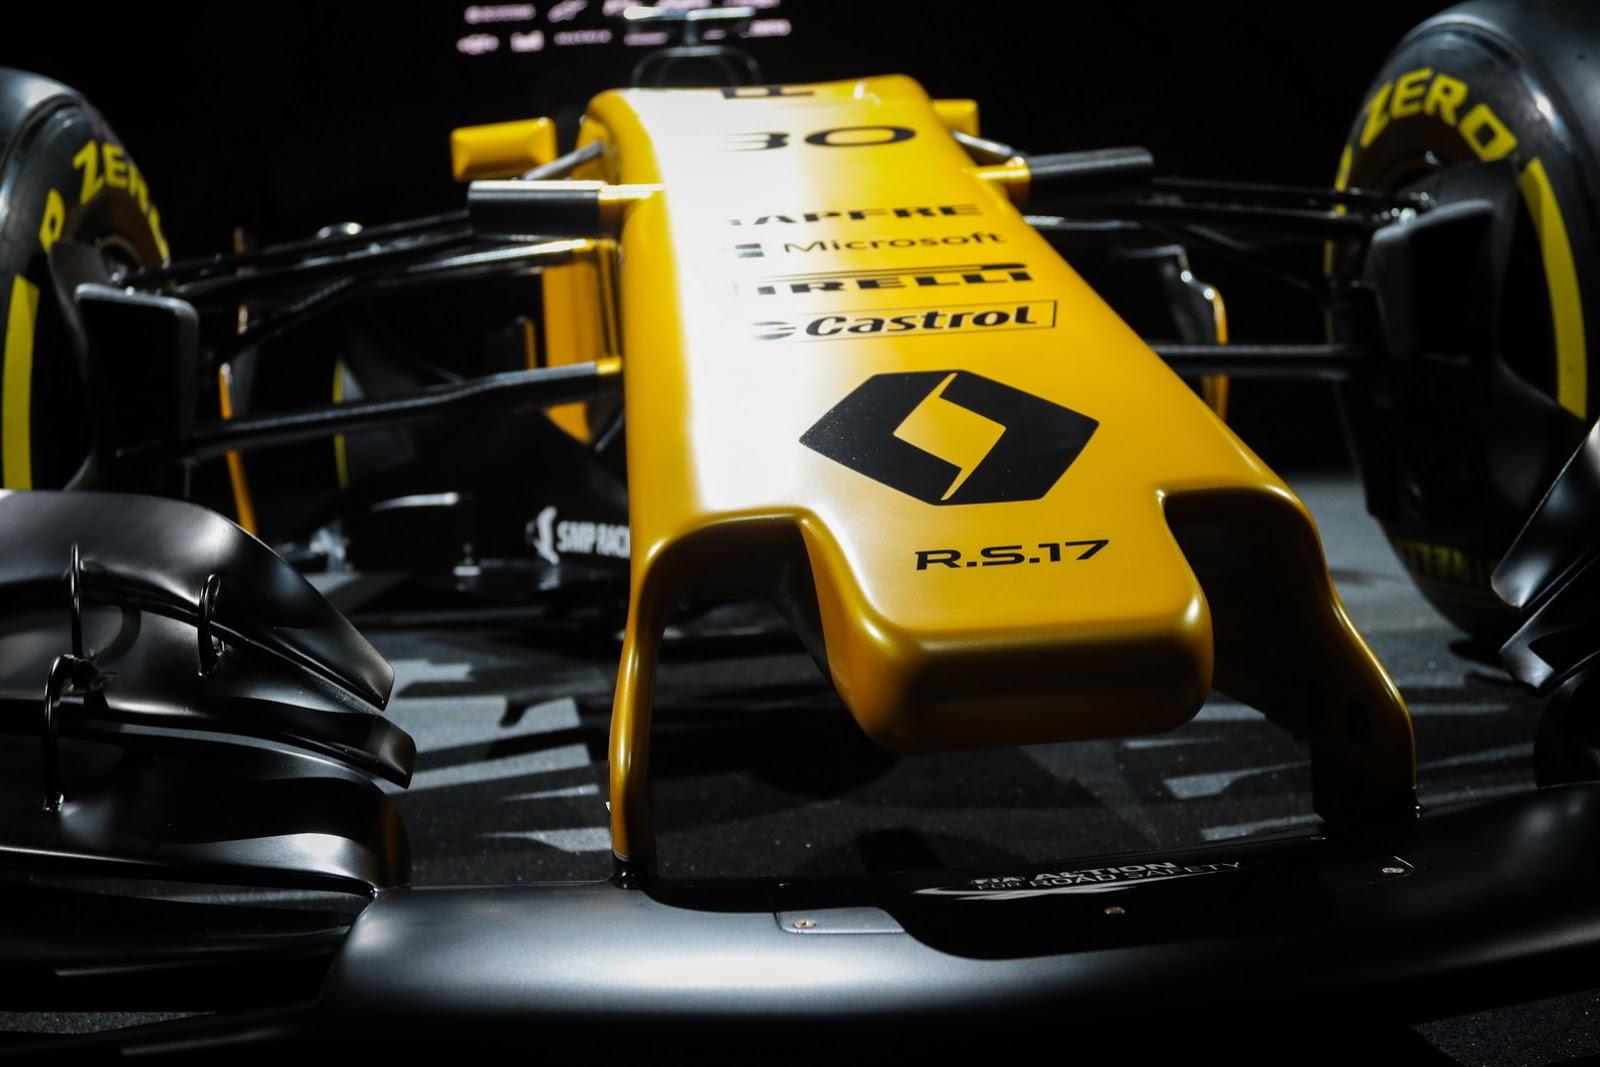 R-F1-5